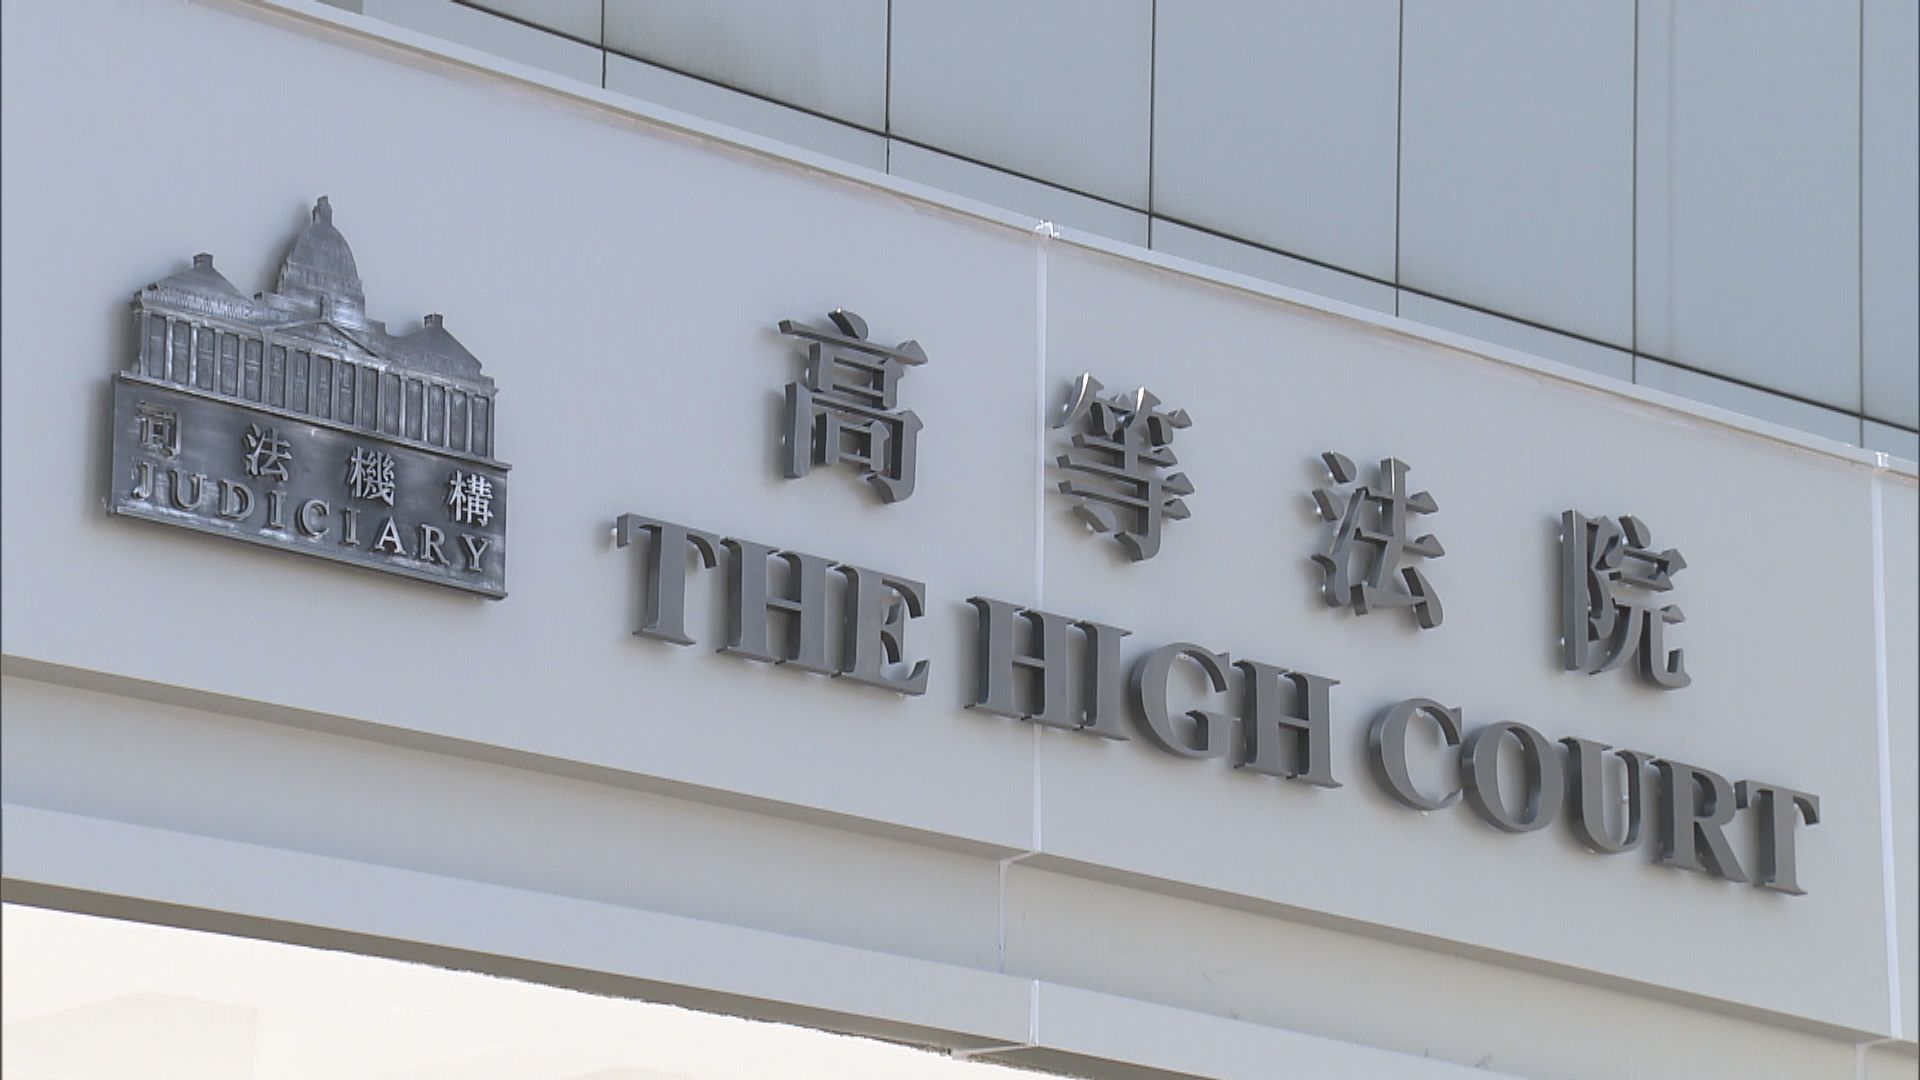 黃大仙車房爆炸案技工誤殺罪成 本月17日判刑